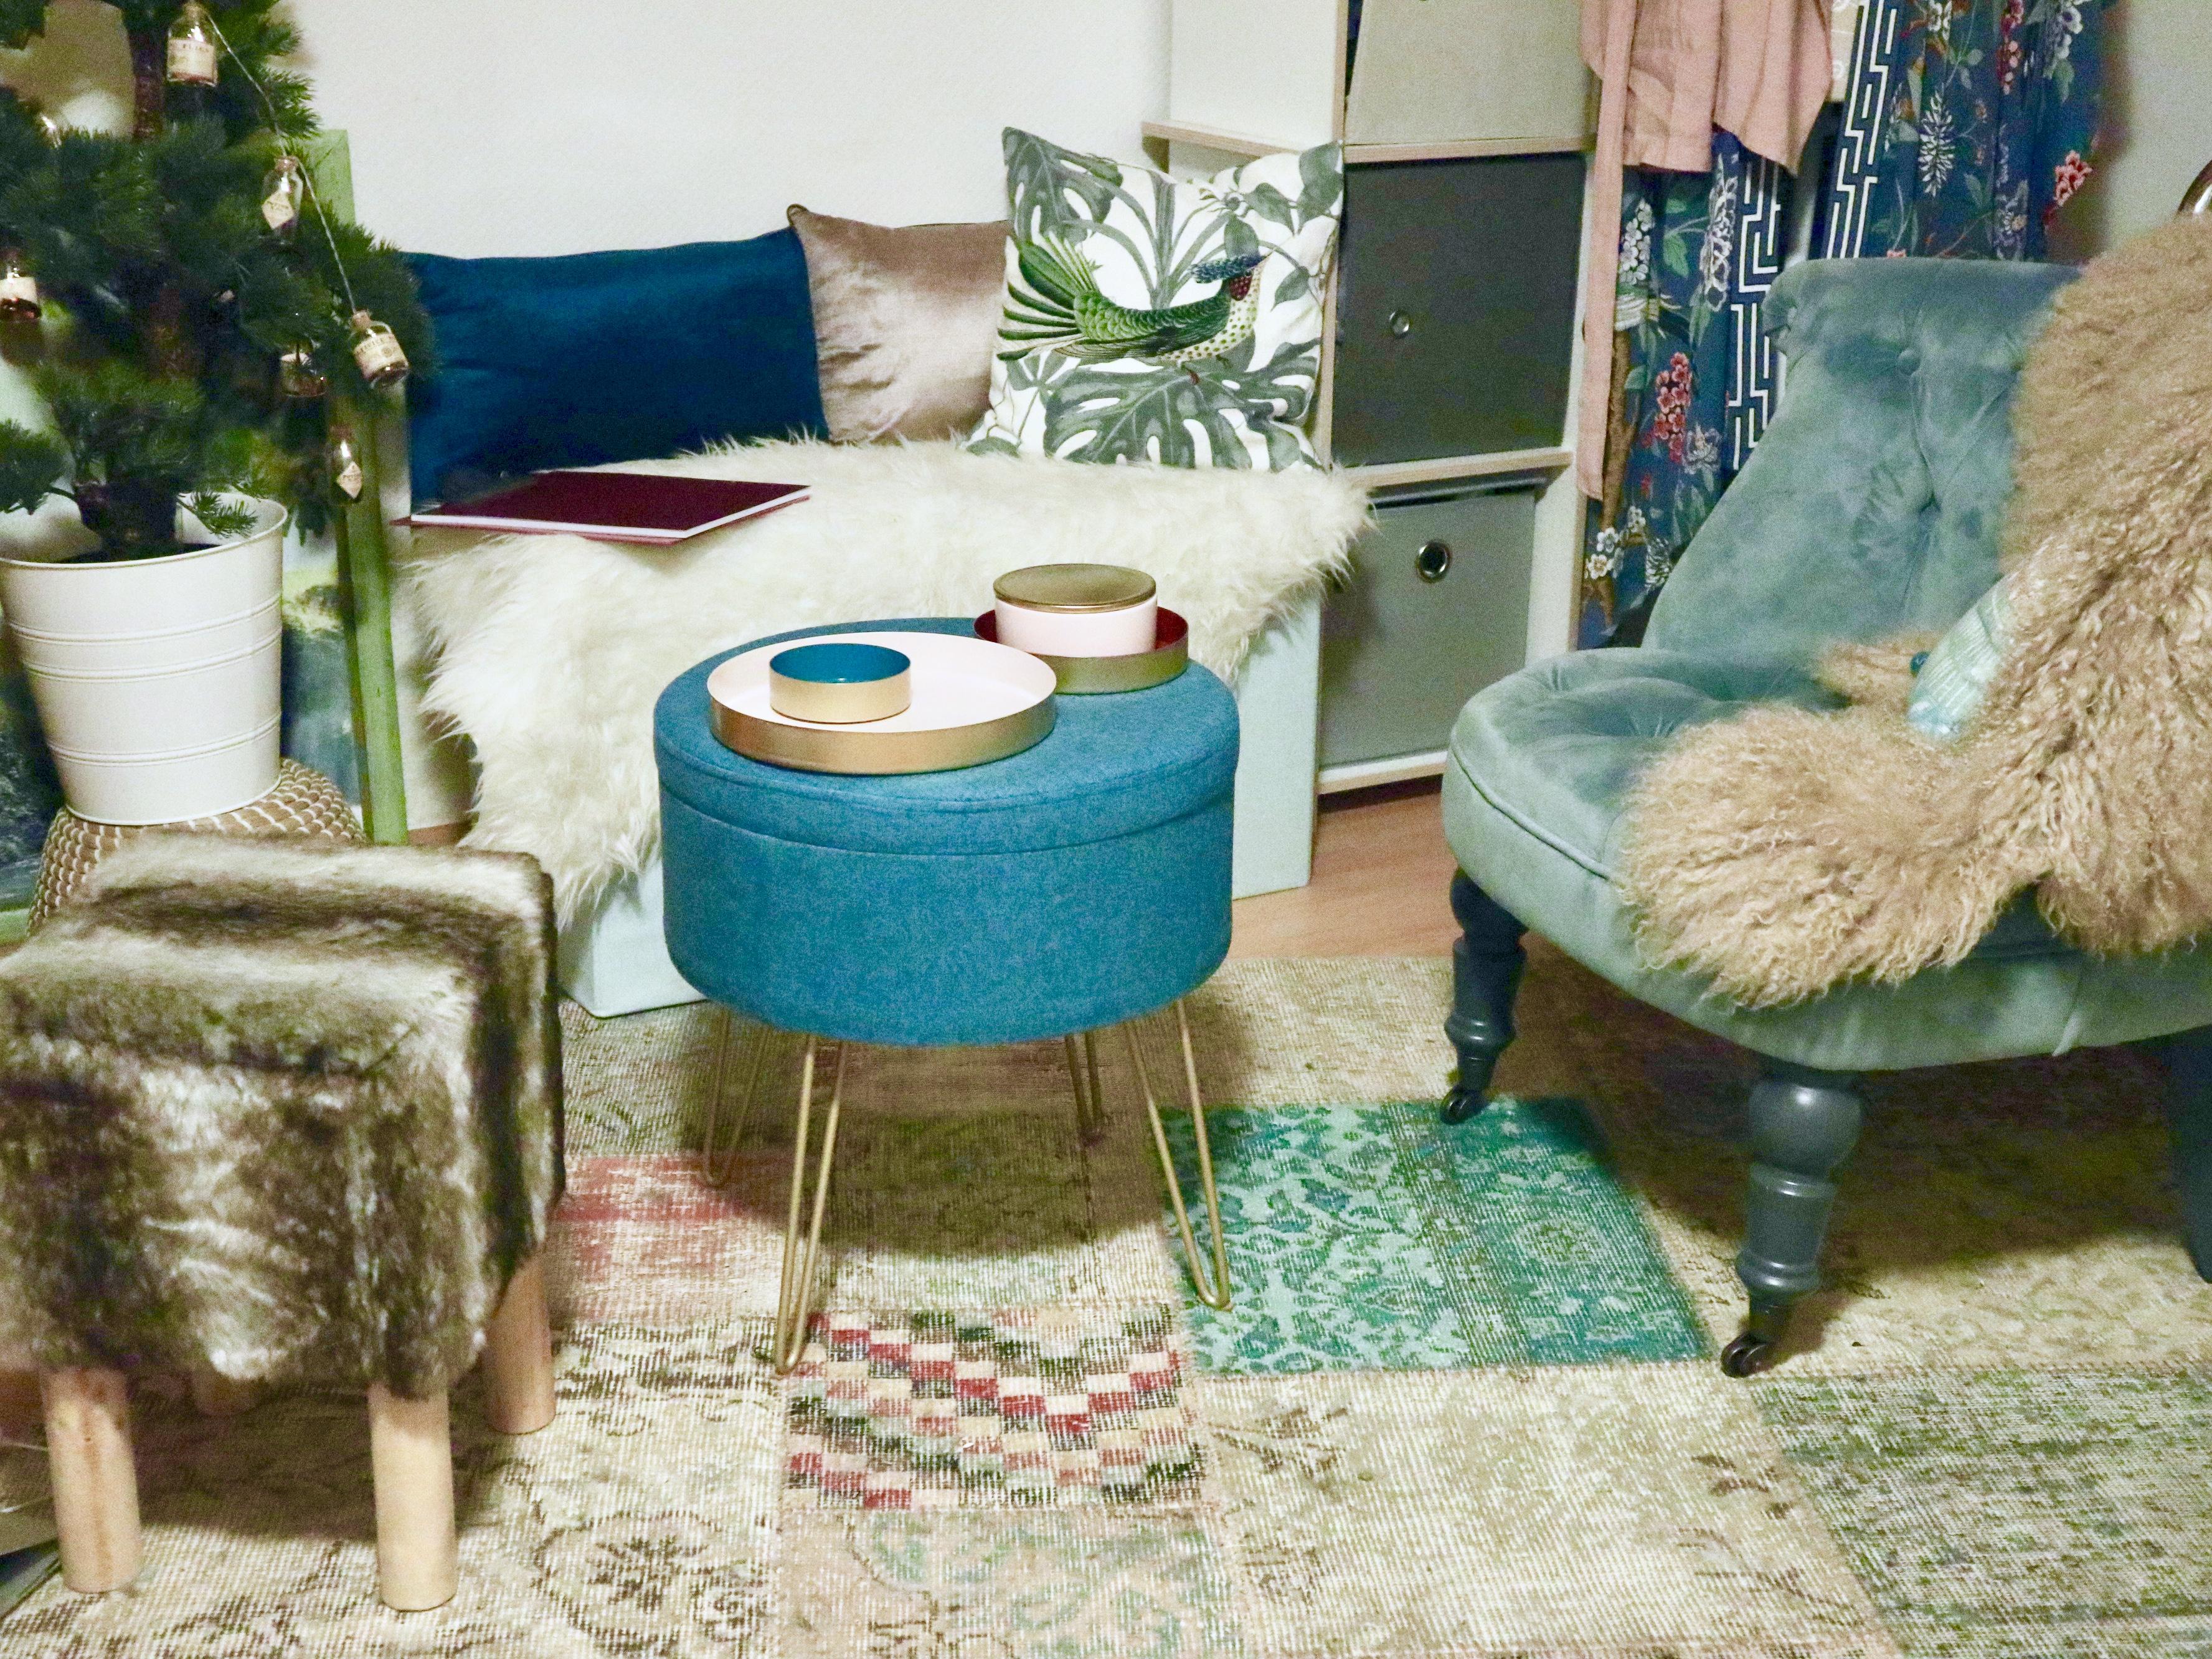 Interieur Trend- 40 er Jahre Look: Individuelle Einzelstücke kombiniert mit Design von Eva Brenner (für Aldi)  gefallen auch unseren Shelties …